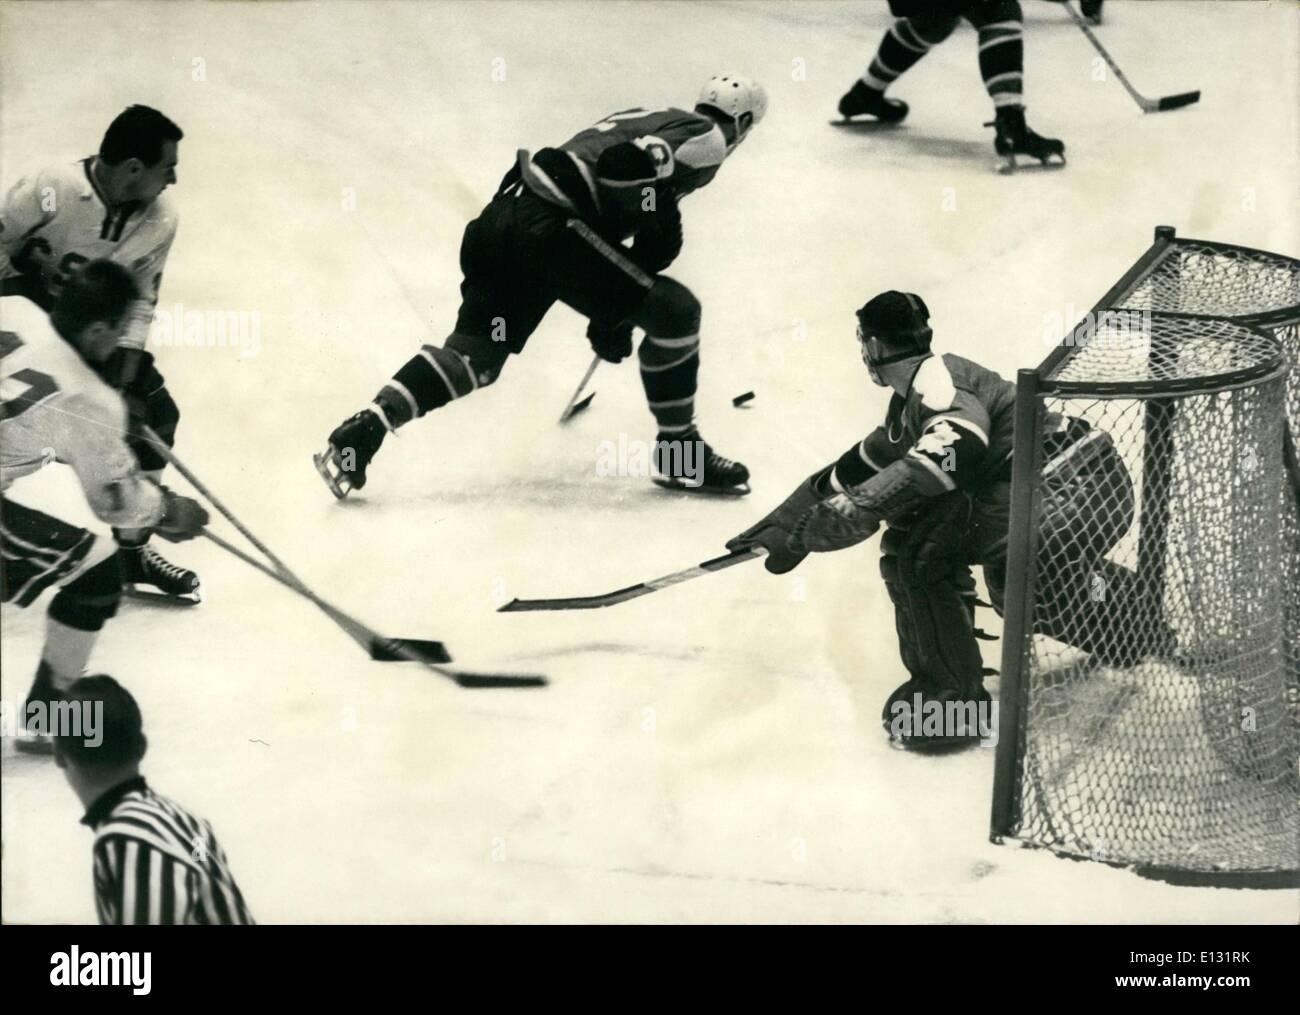 Febrero 26, 2012 - Canadá - CSSR. - Partido de Hockey sobre hielo de los Juegos Olímpicos de 1964 en Innsbruck/Austria Imagen De Stock